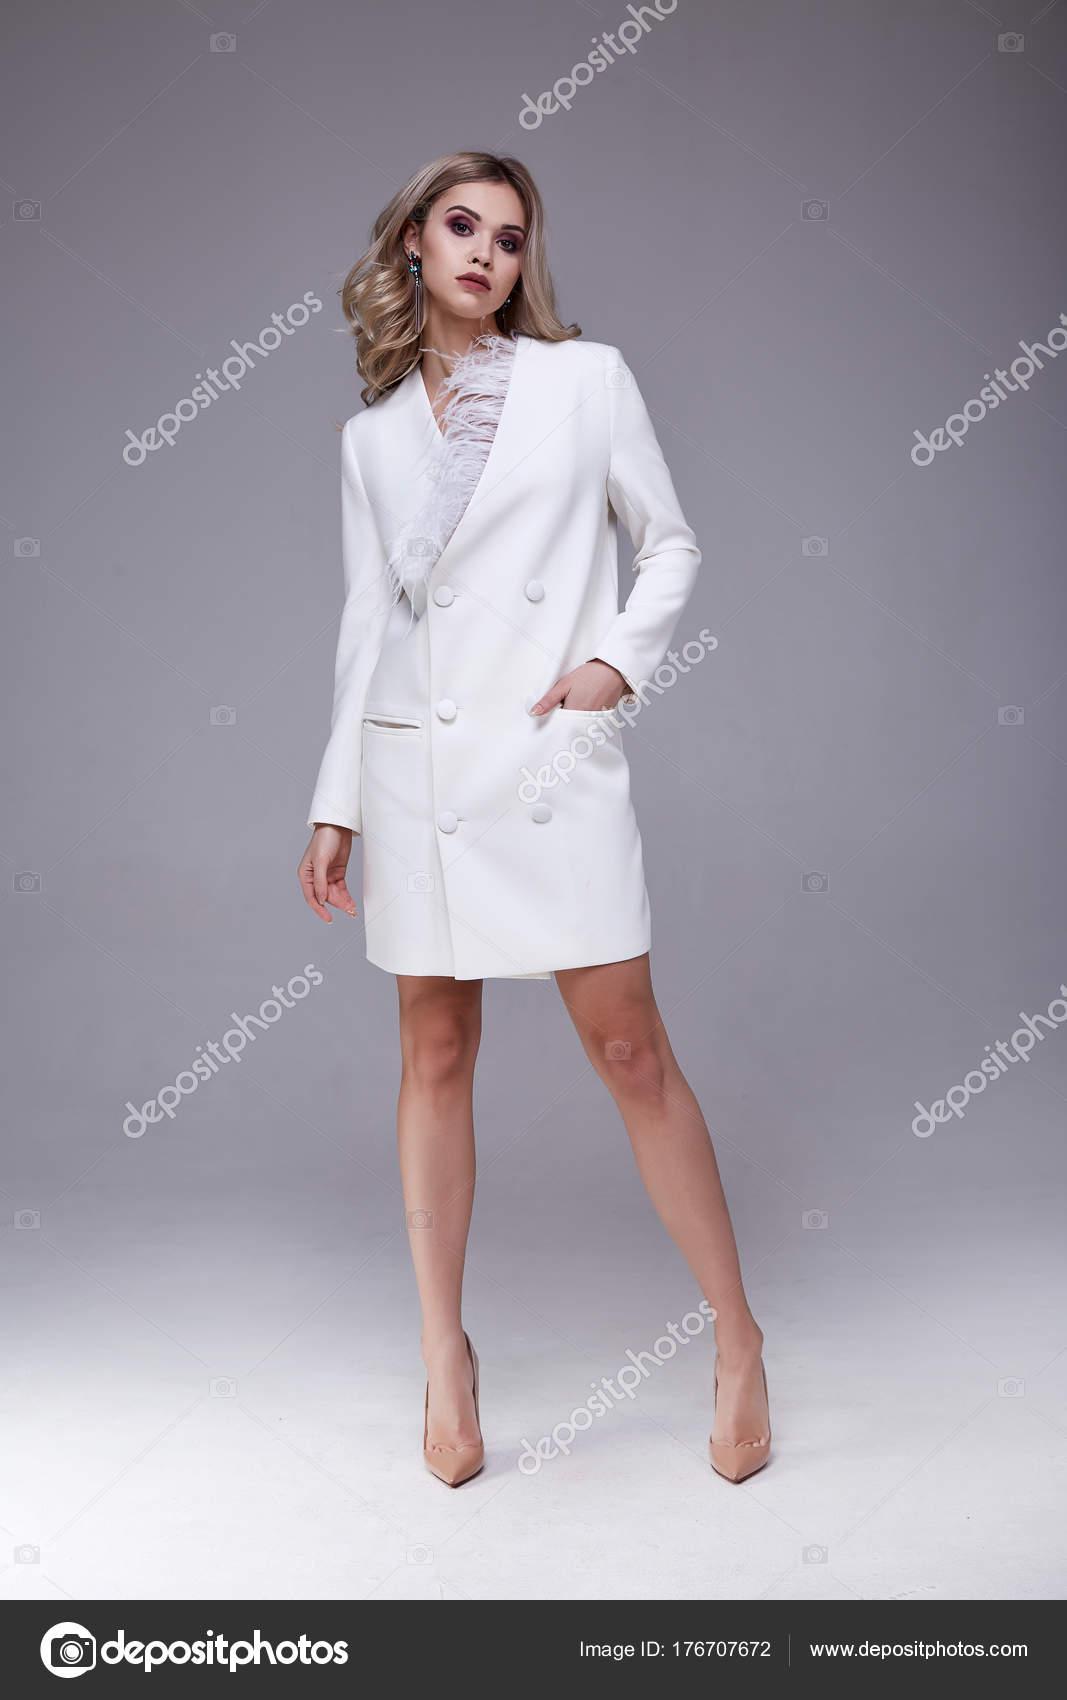 Sexy ziemlich schöne Frau Mode Stil Kleidung Modell perfekt ...